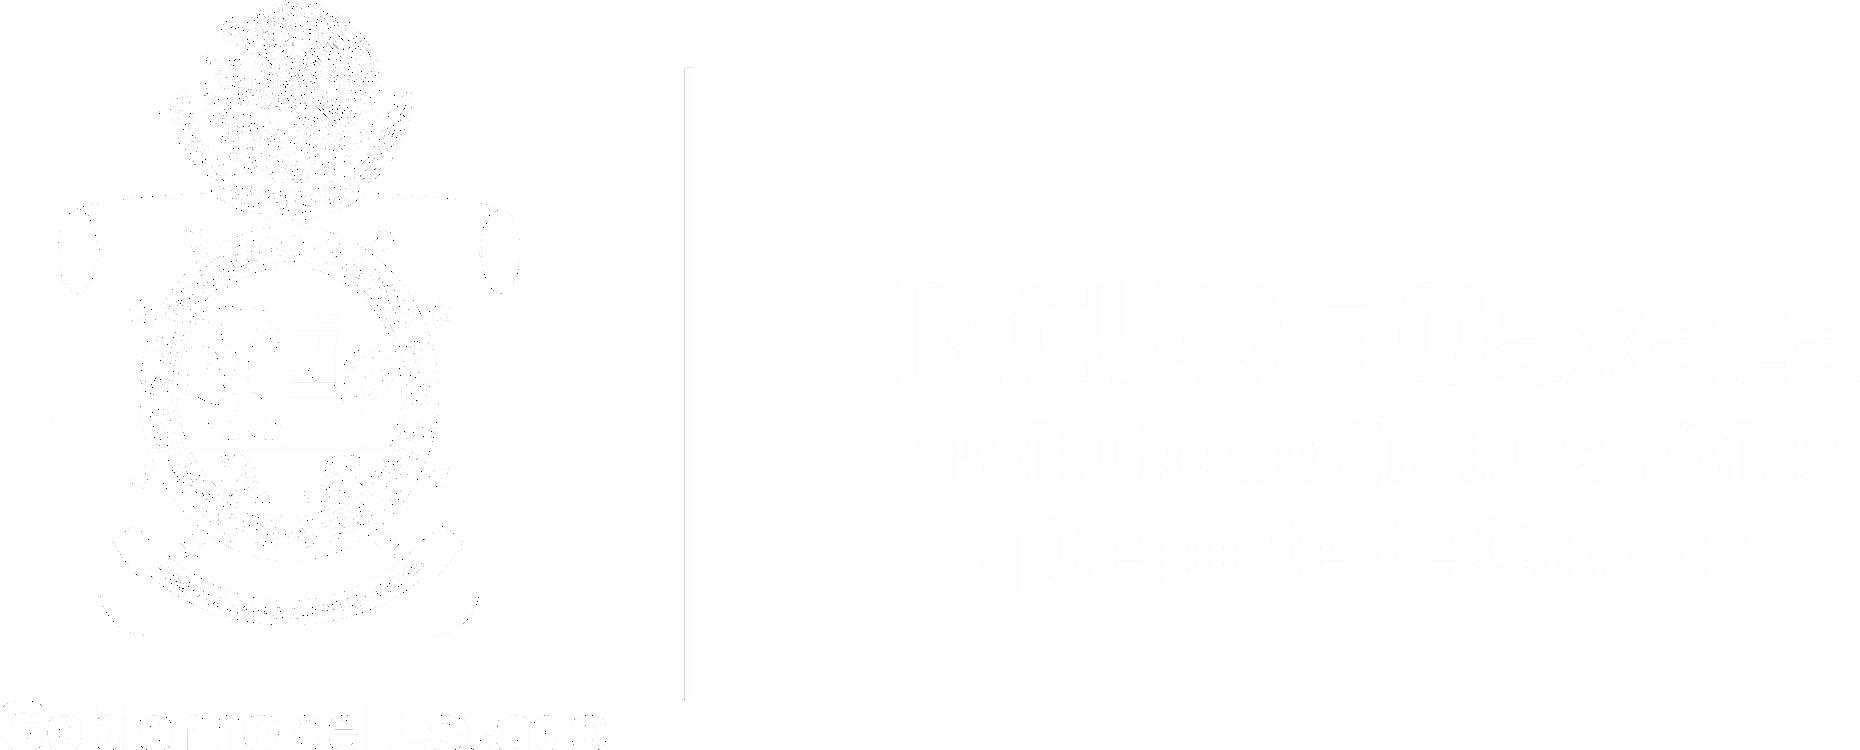 Instituto de Cultura Física y Deporte de Oaxaca